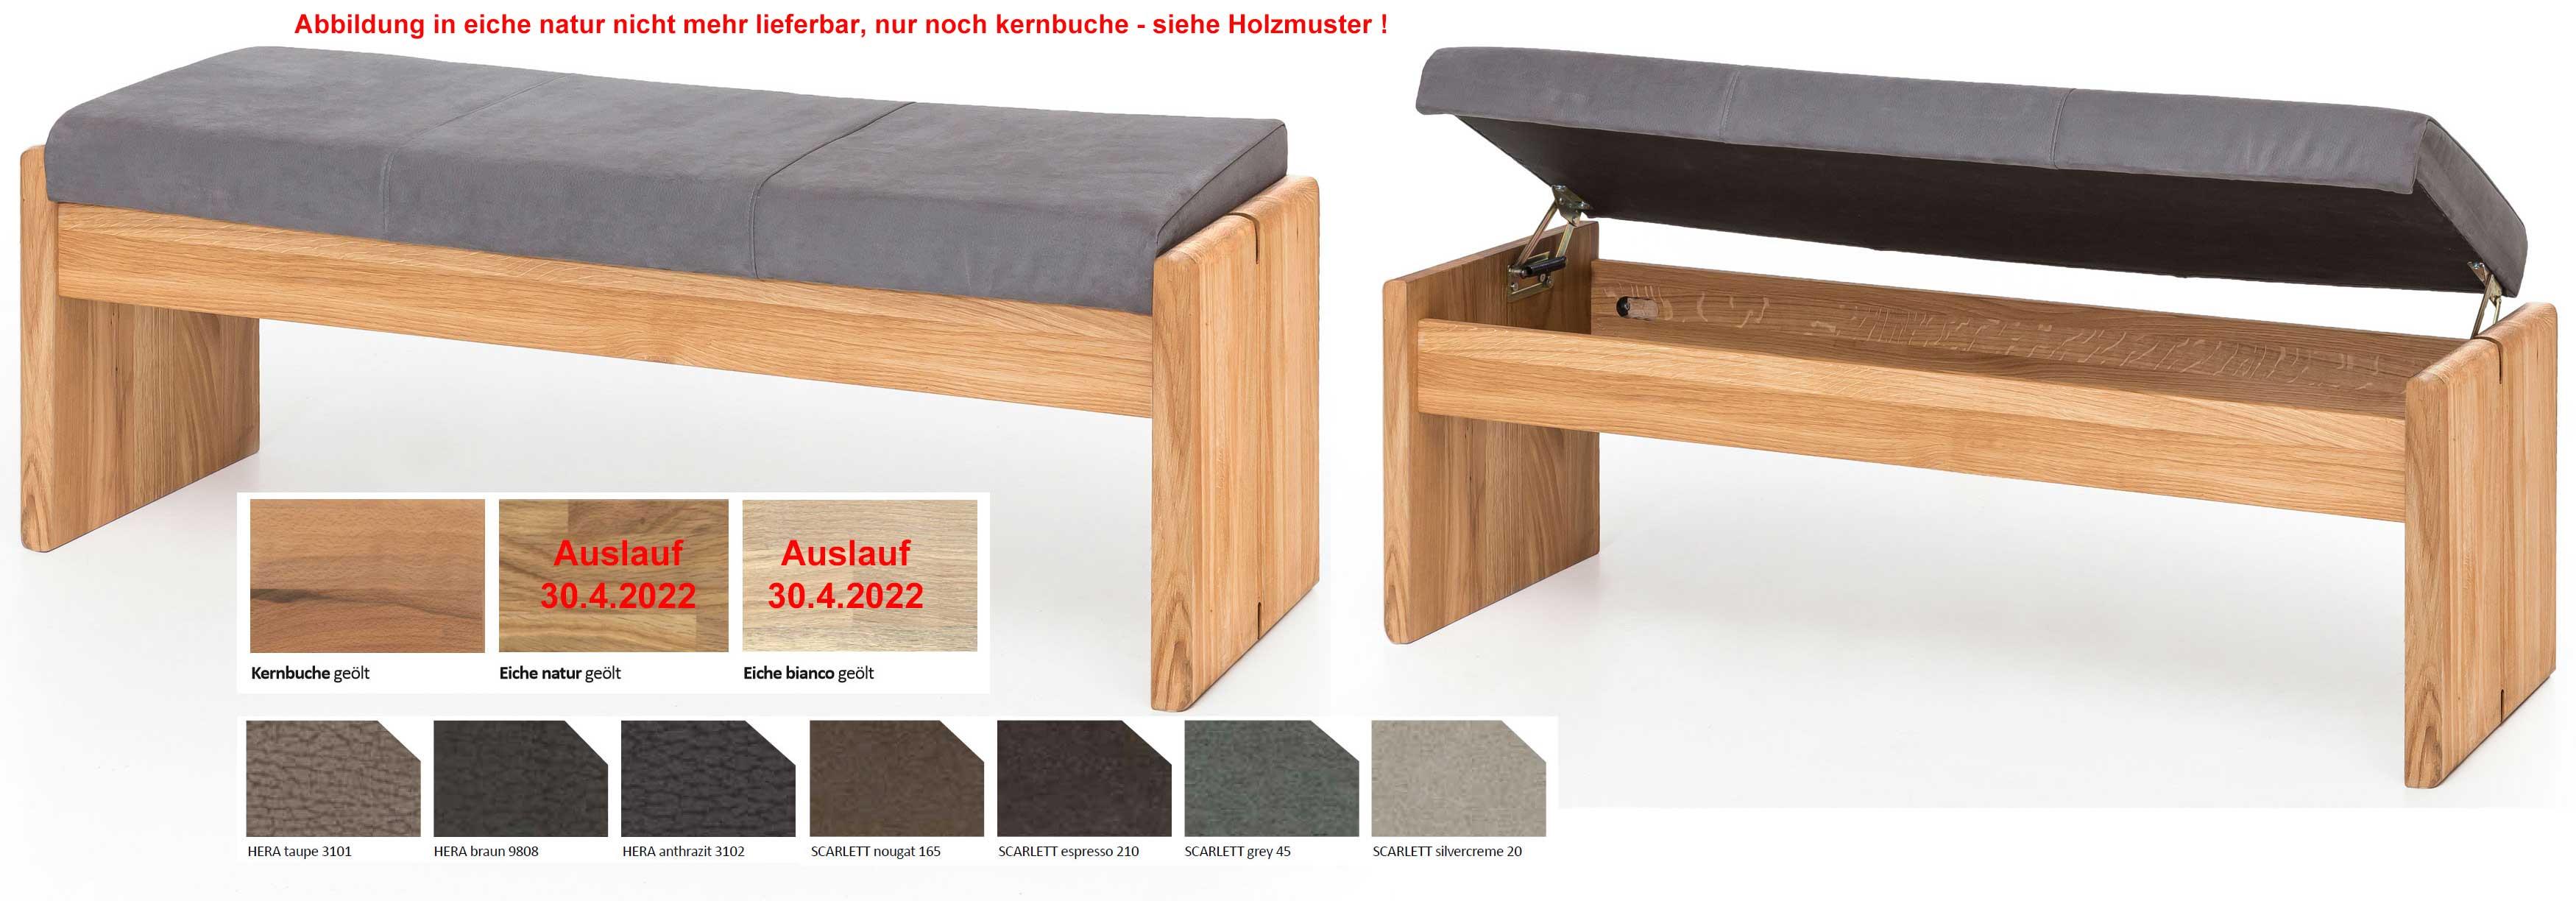 Standard Furniture Stockholm Truhenbank massiv eiche mit Polster